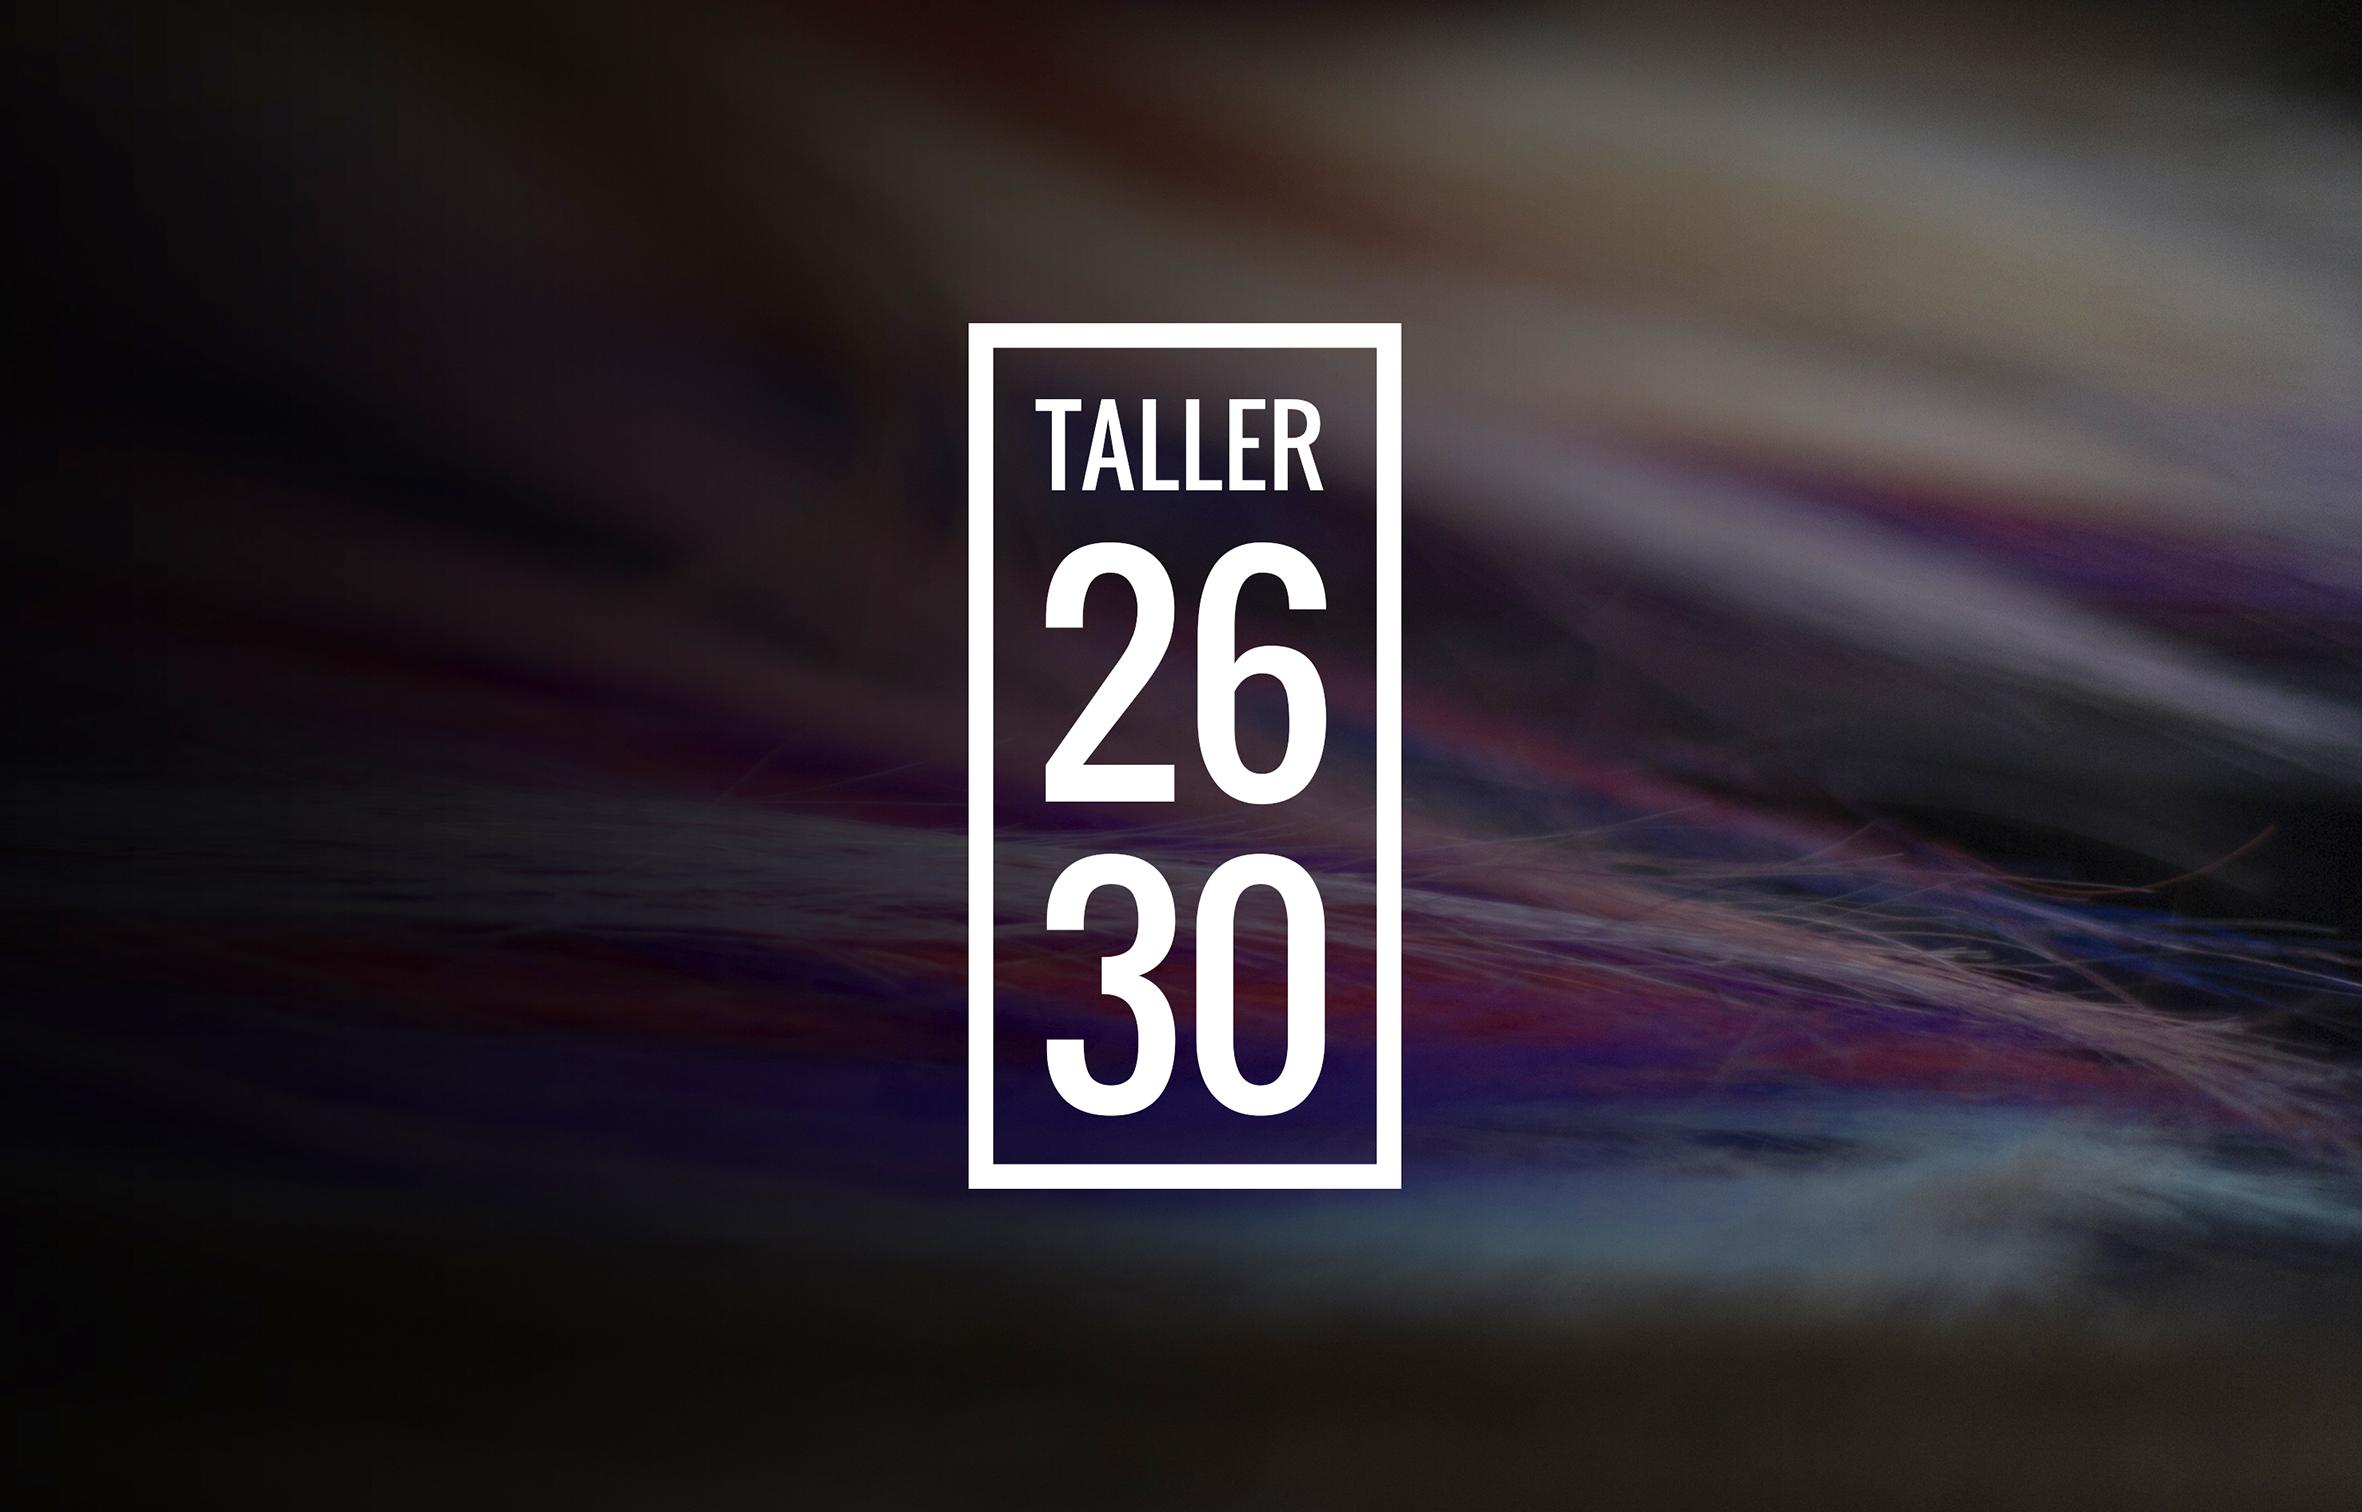 Taller2630_01